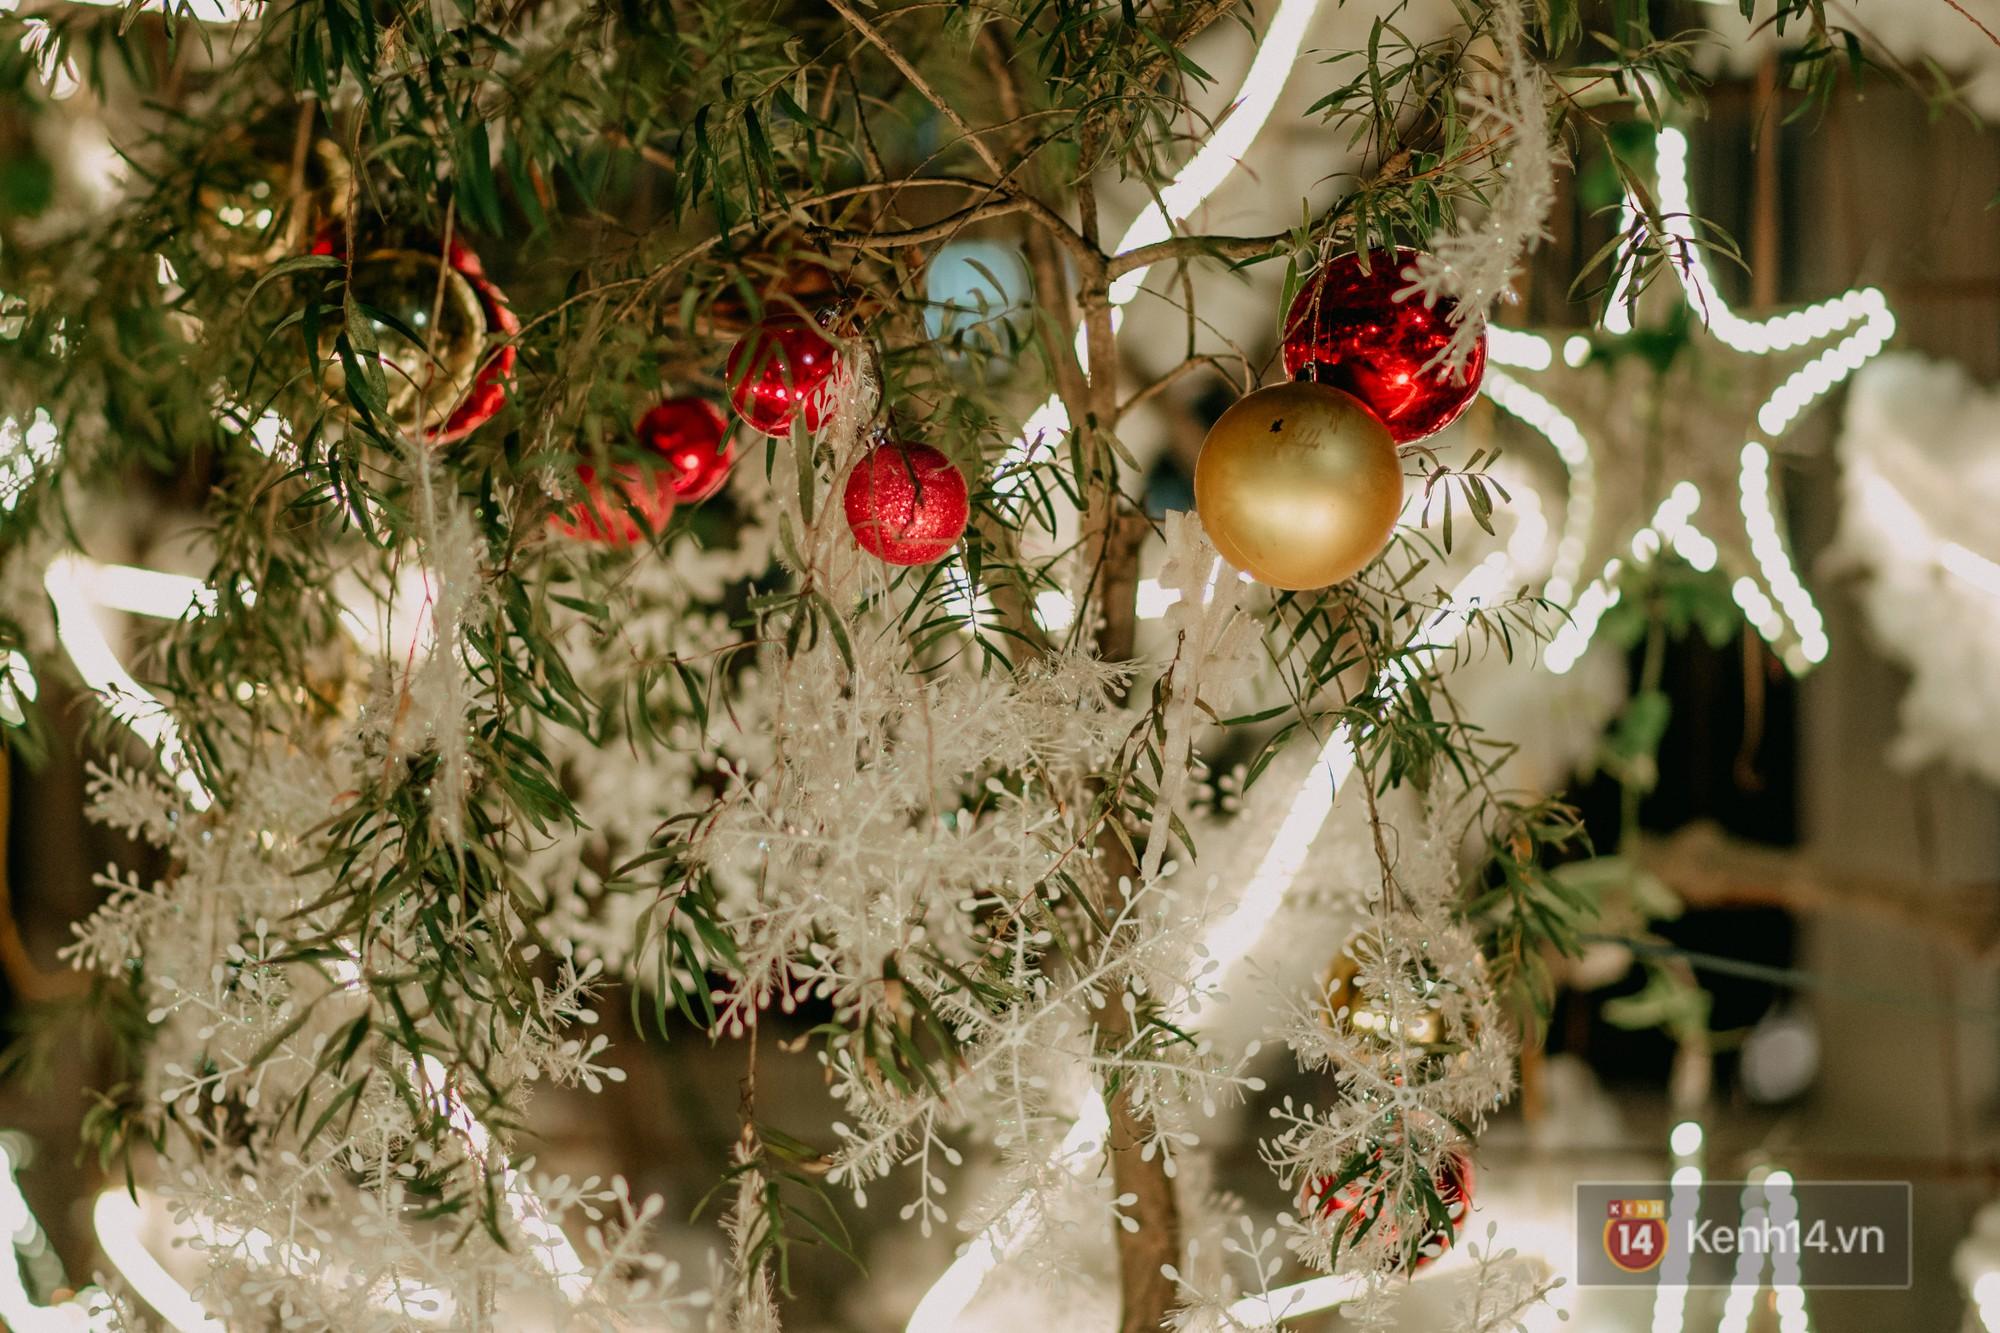 Trường ĐH con nhà giàu này đang là trường trang trí Noel đẹp nhất nước, có máy phun tuyết nhân tạo, tha hồ sống ảo - Ảnh 10.